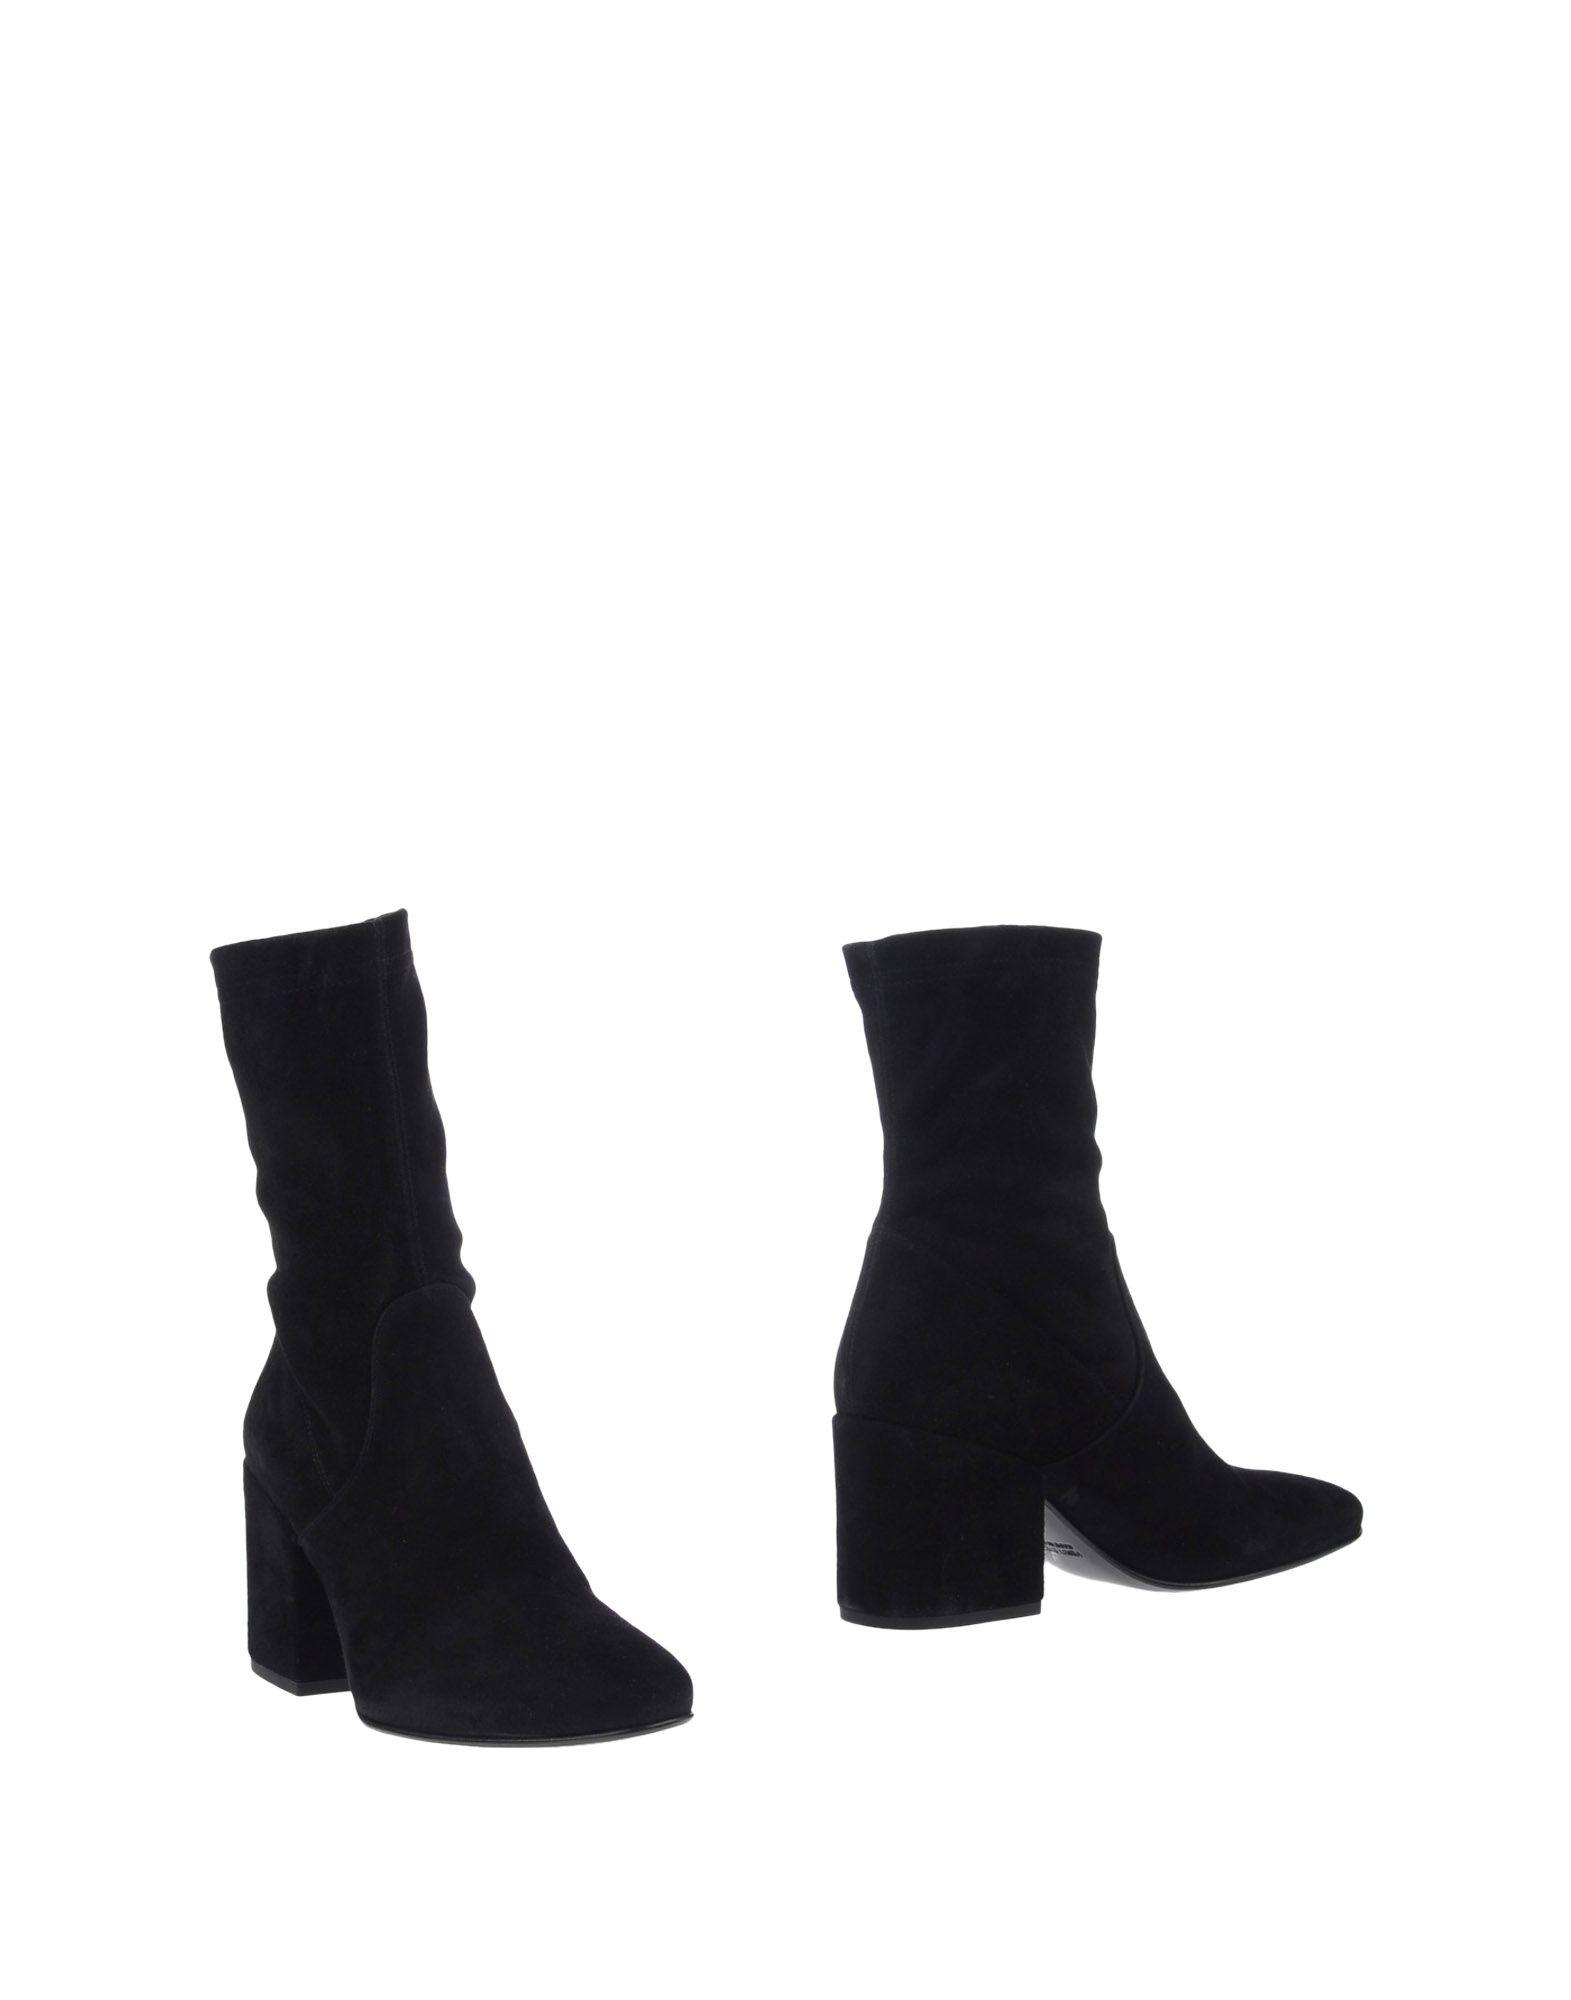 Strategia Stiefelette Damen  11309784JFGut aussehende strapazierfähige Schuhe